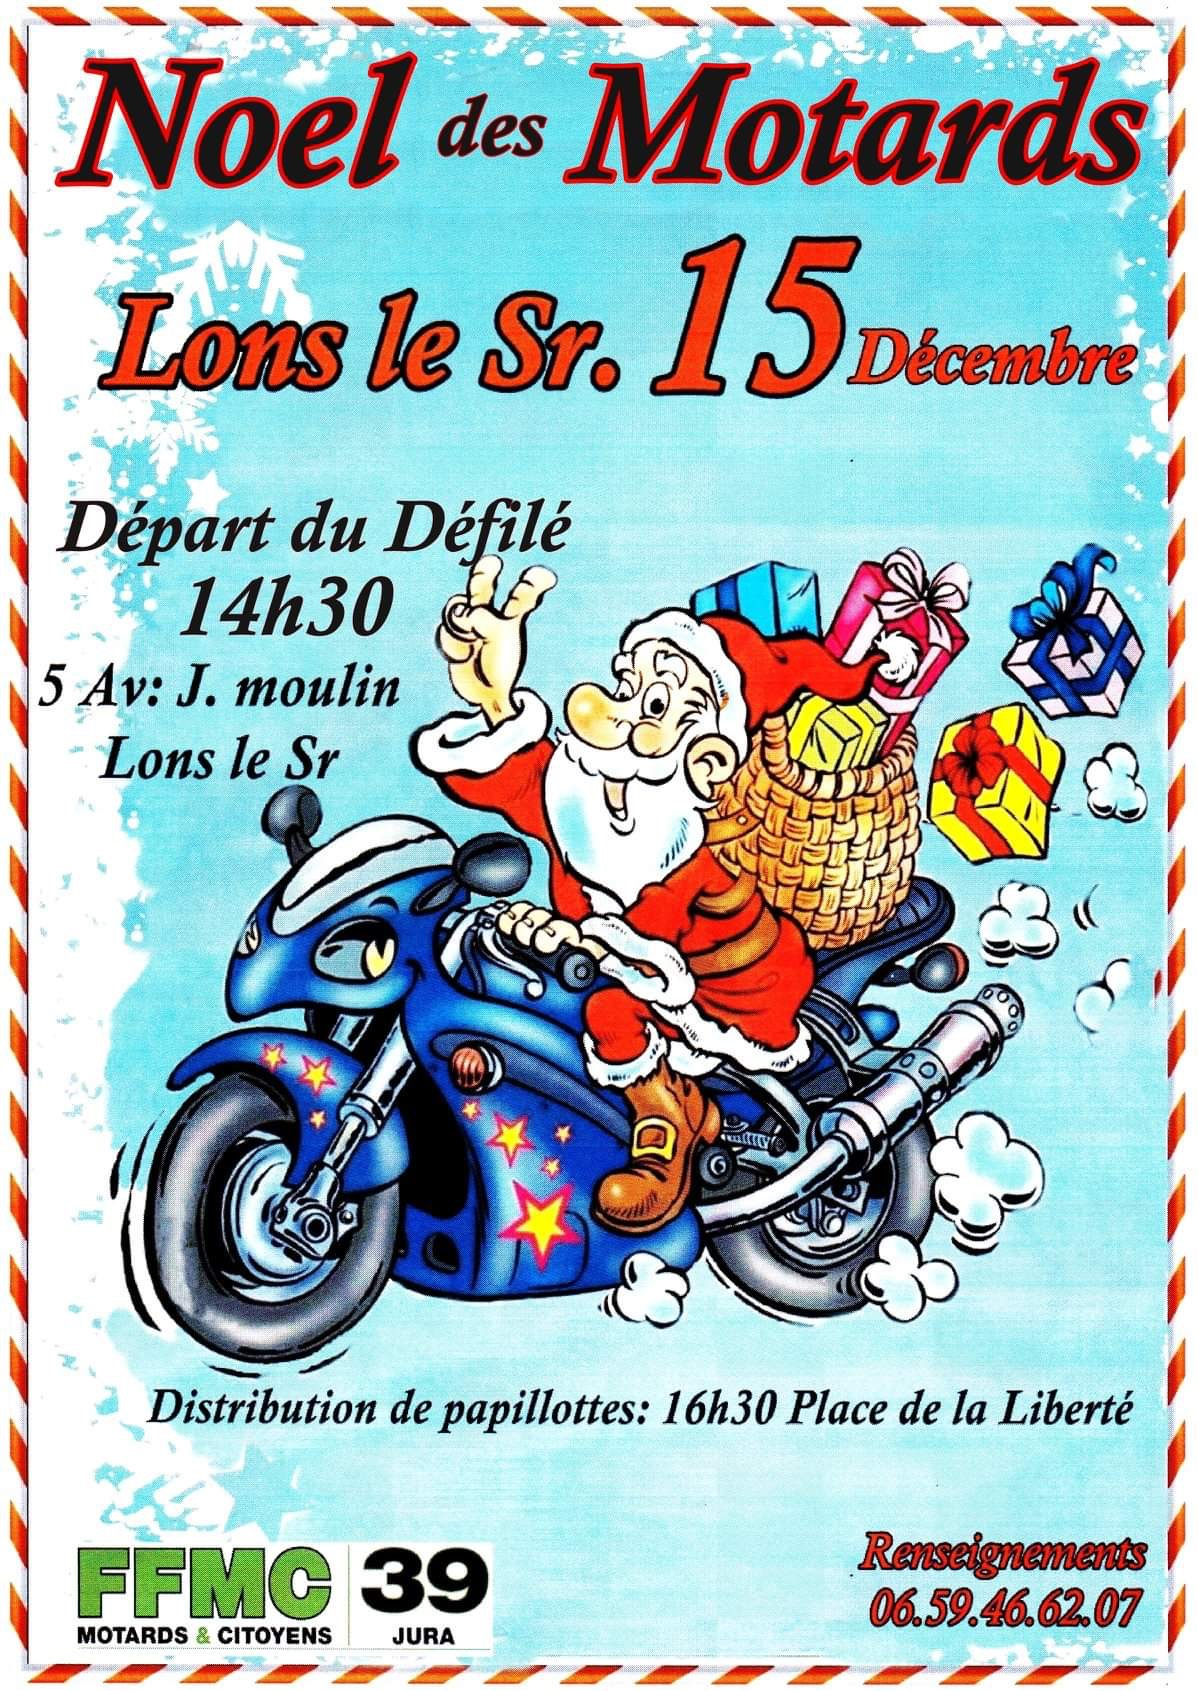 Le Noël des motards @ Lons-le-Saunier